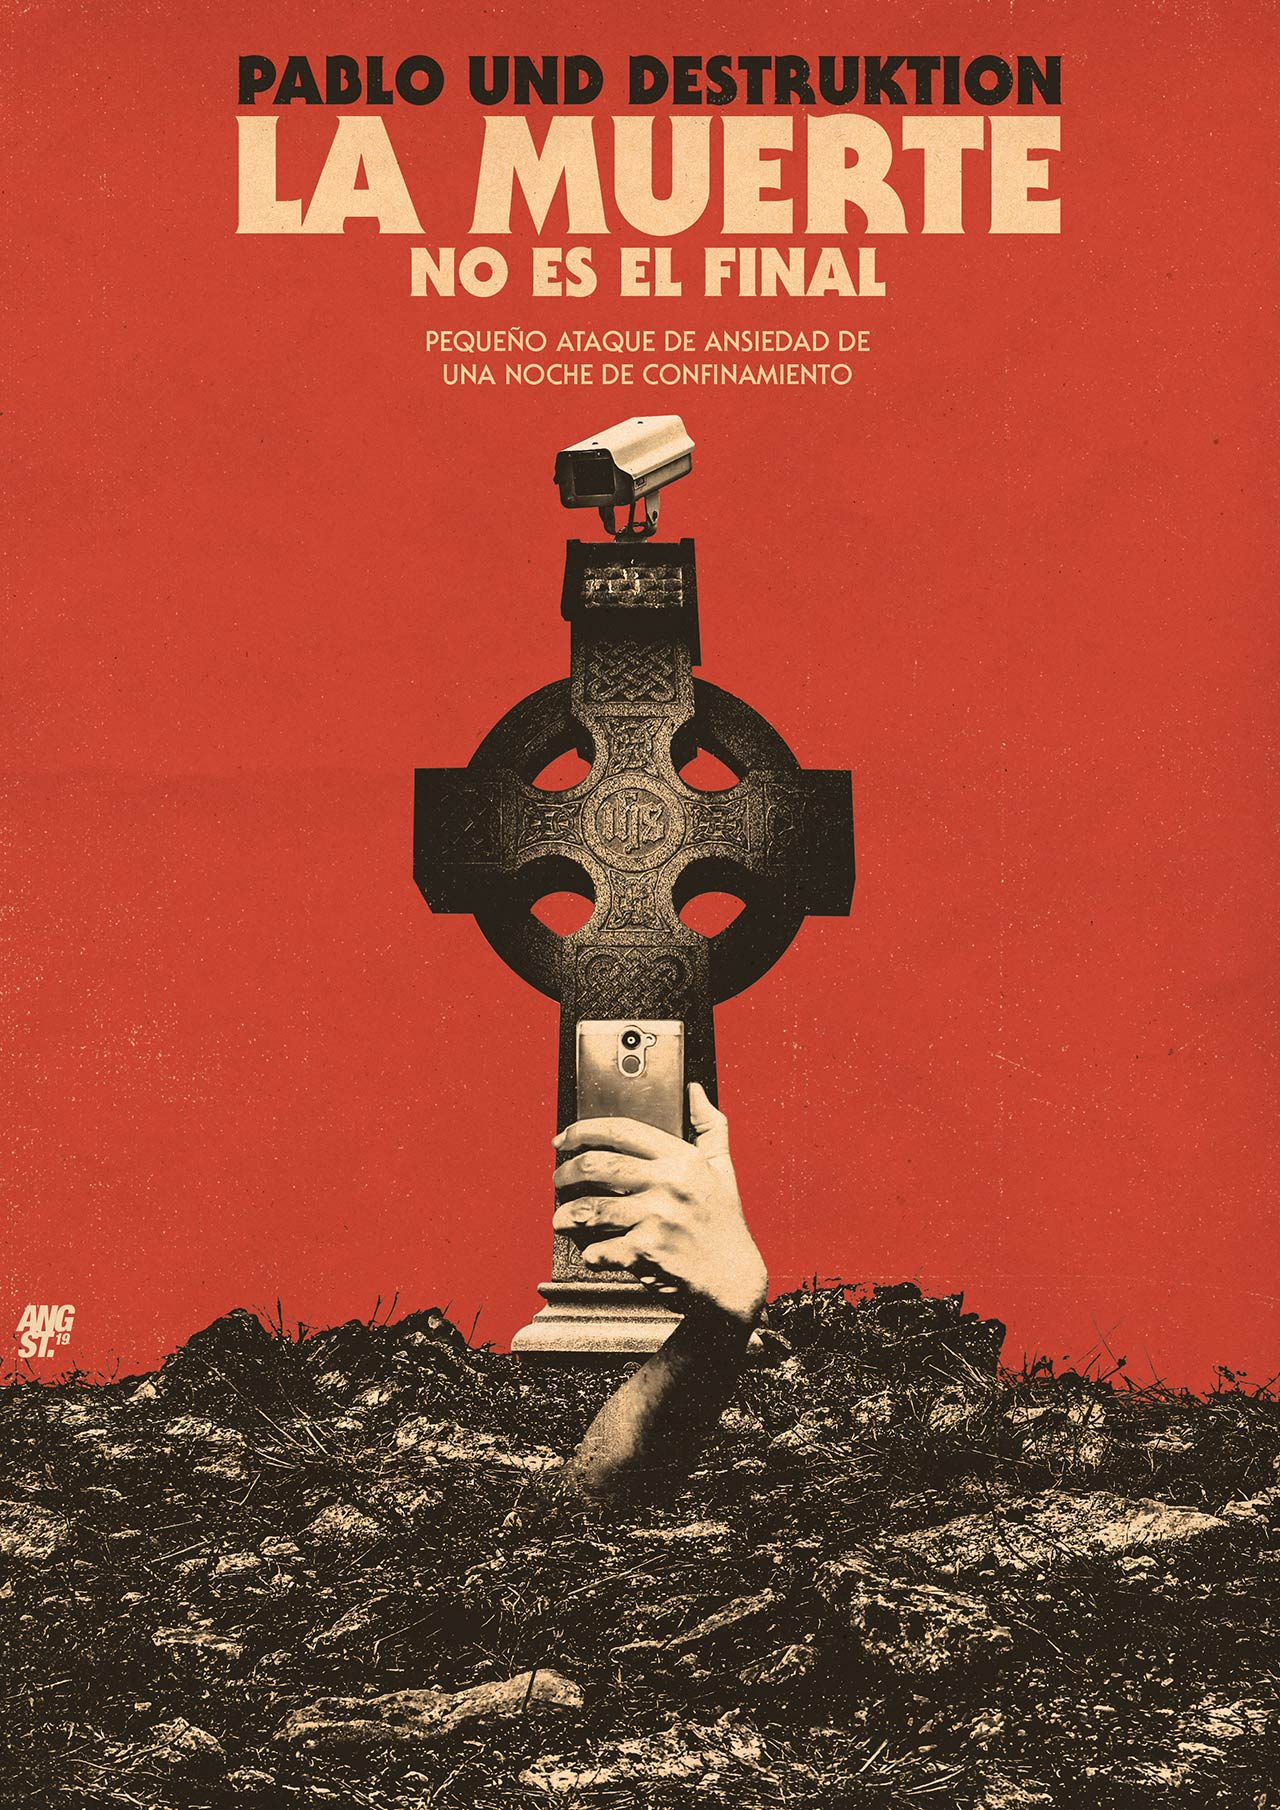 Pablo Und Destruktion / La Muerte no es el final